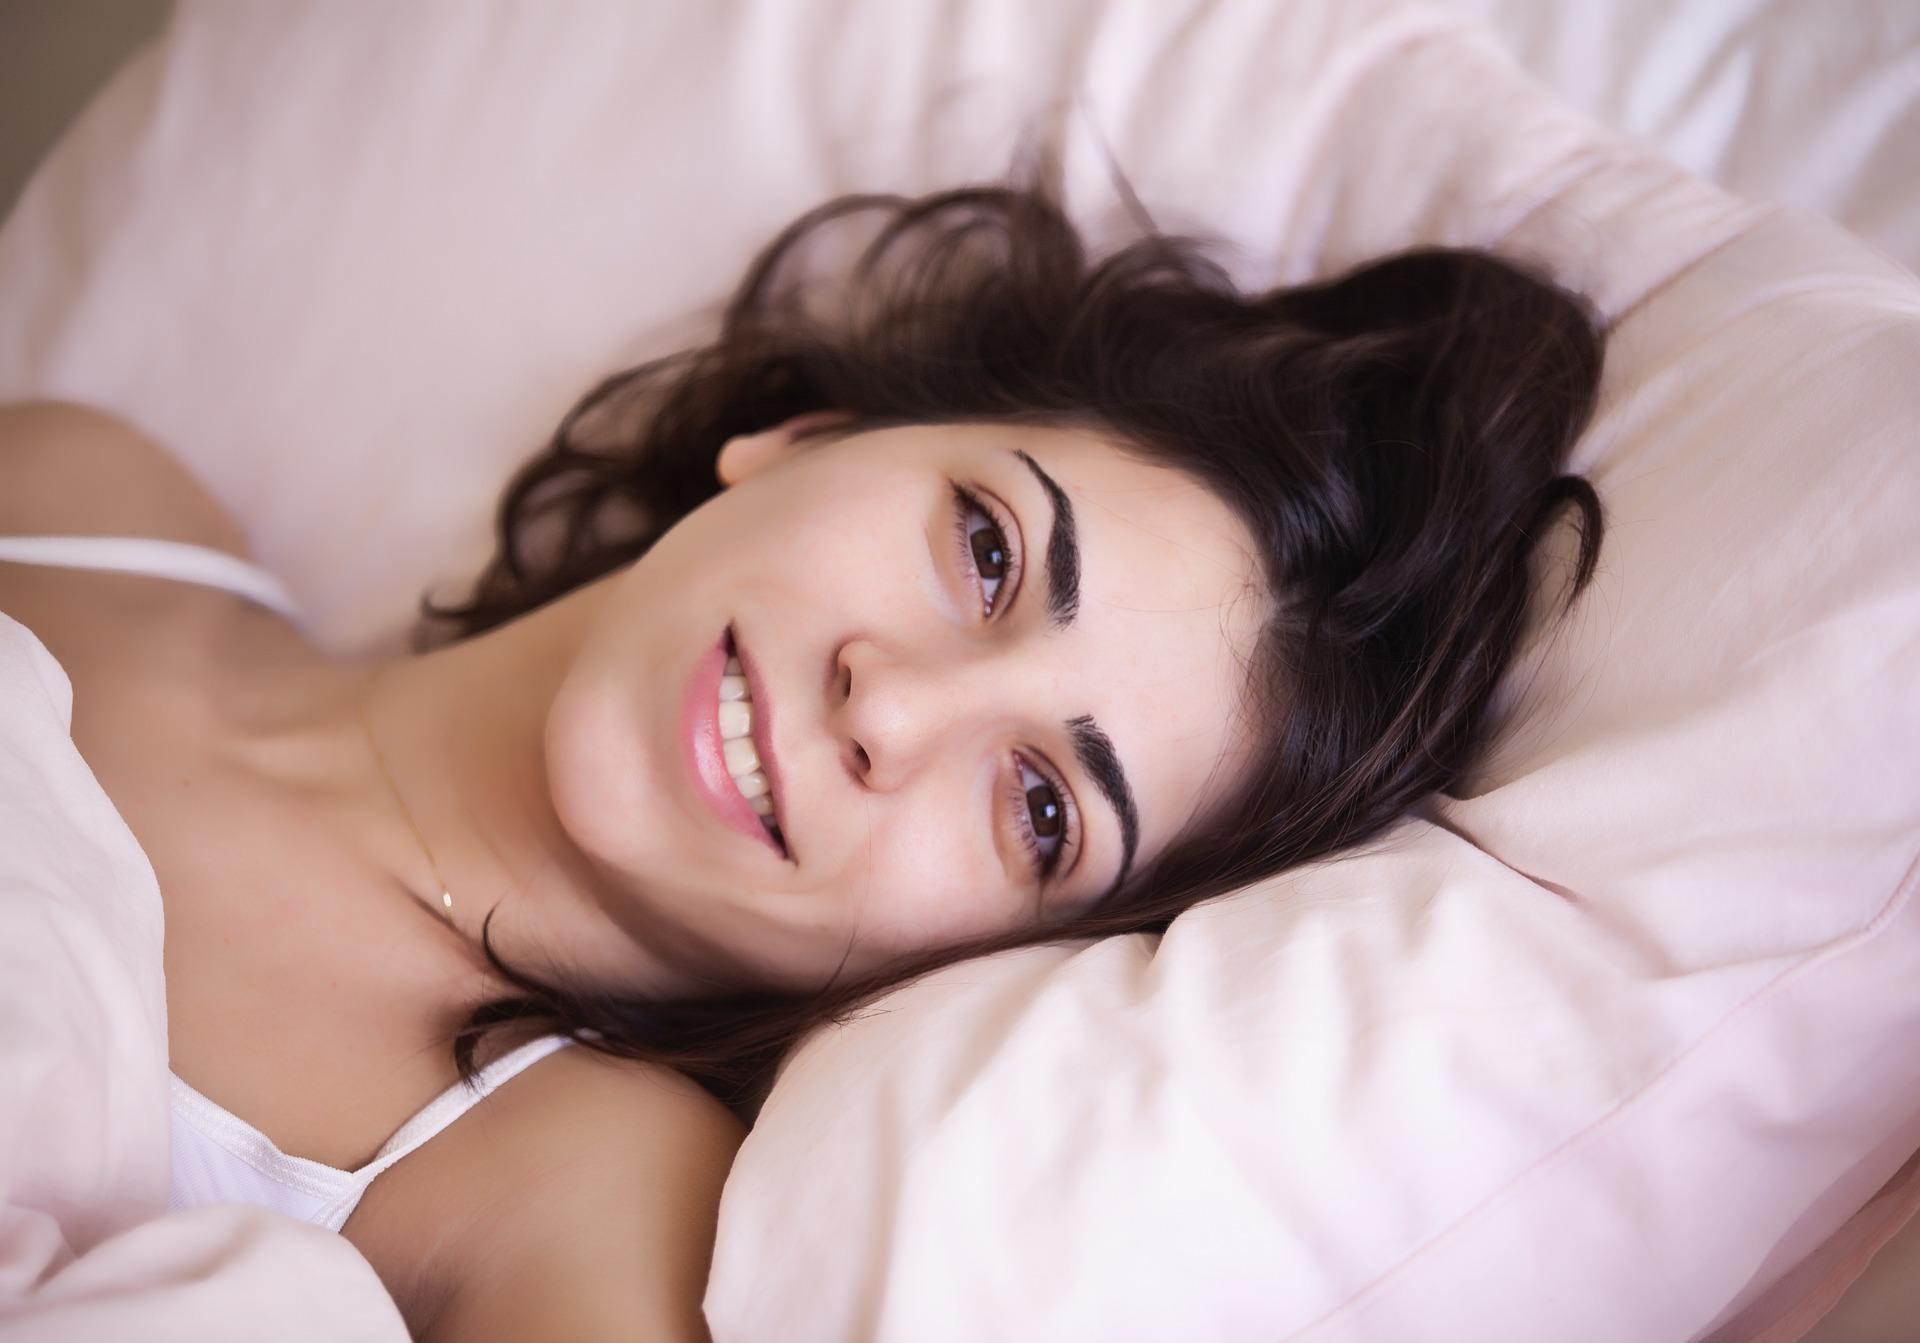 La temperatura al risveglio ti aiuta a comprendere meglio il tuo ciclo mestruale